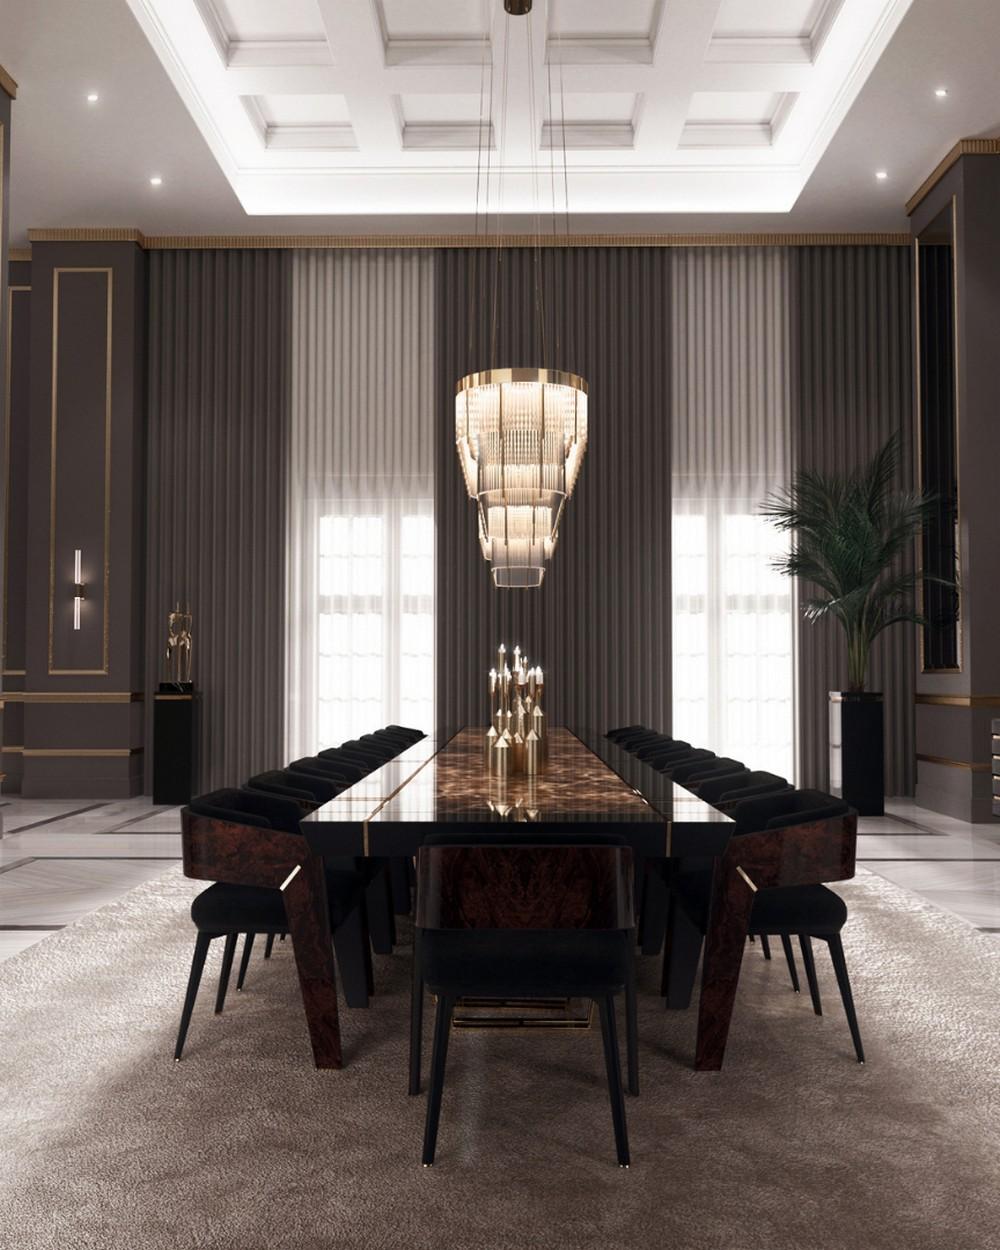 Comedores lujuosos: Inspiraciónes perfectas para un Diseño de interior moderno comedores lujuosos Comedores lujuosos: Inspiraciónes perfectas para un Diseño de interior moderno 7